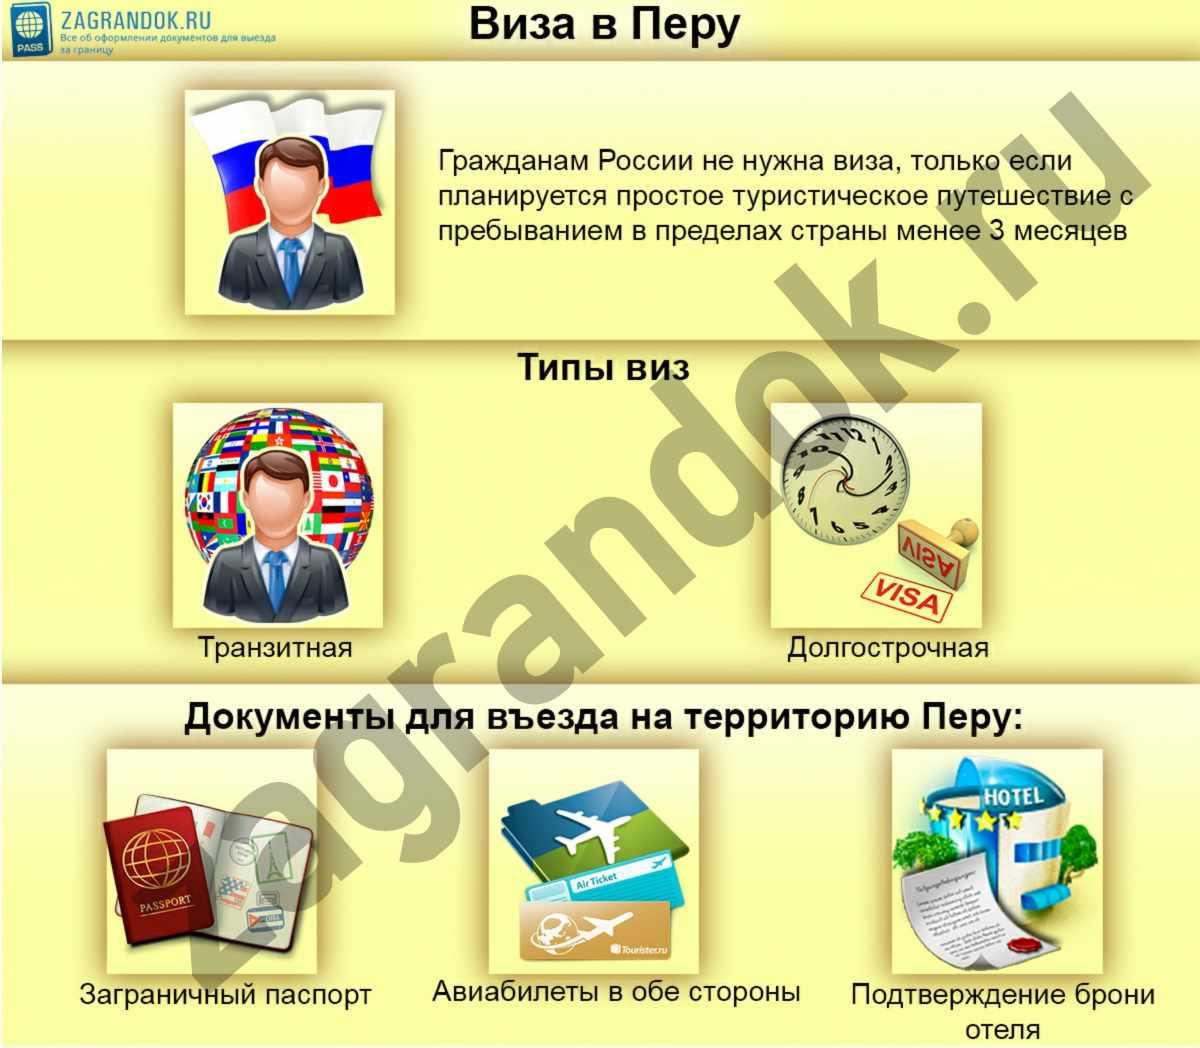 Виза в Перу для россиян в 2018 году, как получить